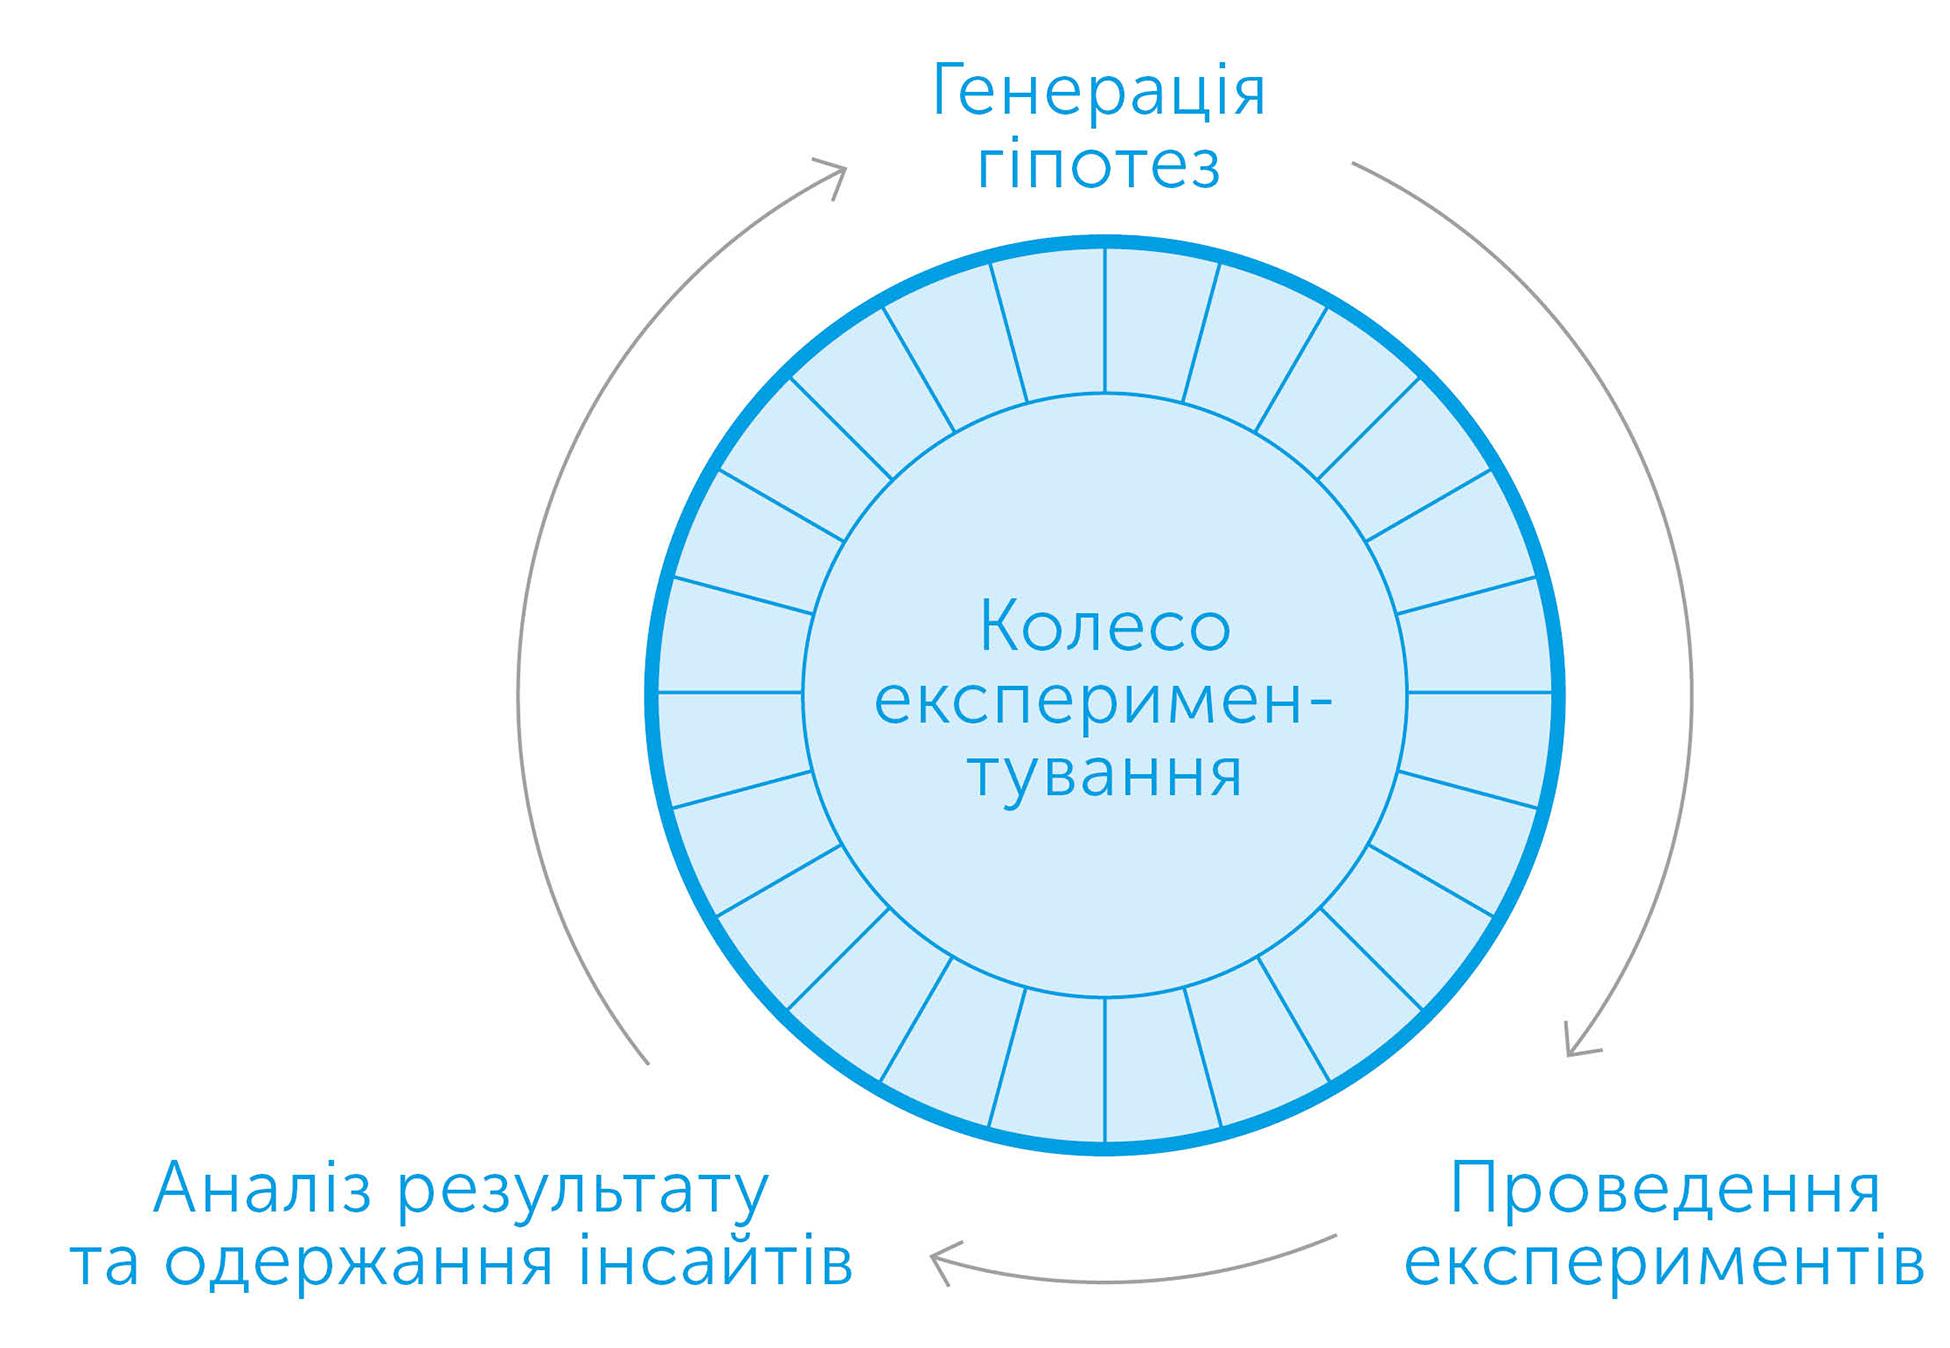 Експериментування працює. Дивовижна сила бізнес-експериментів, автор Стефан Томке | Kyivstar Business Hub, зображення №5